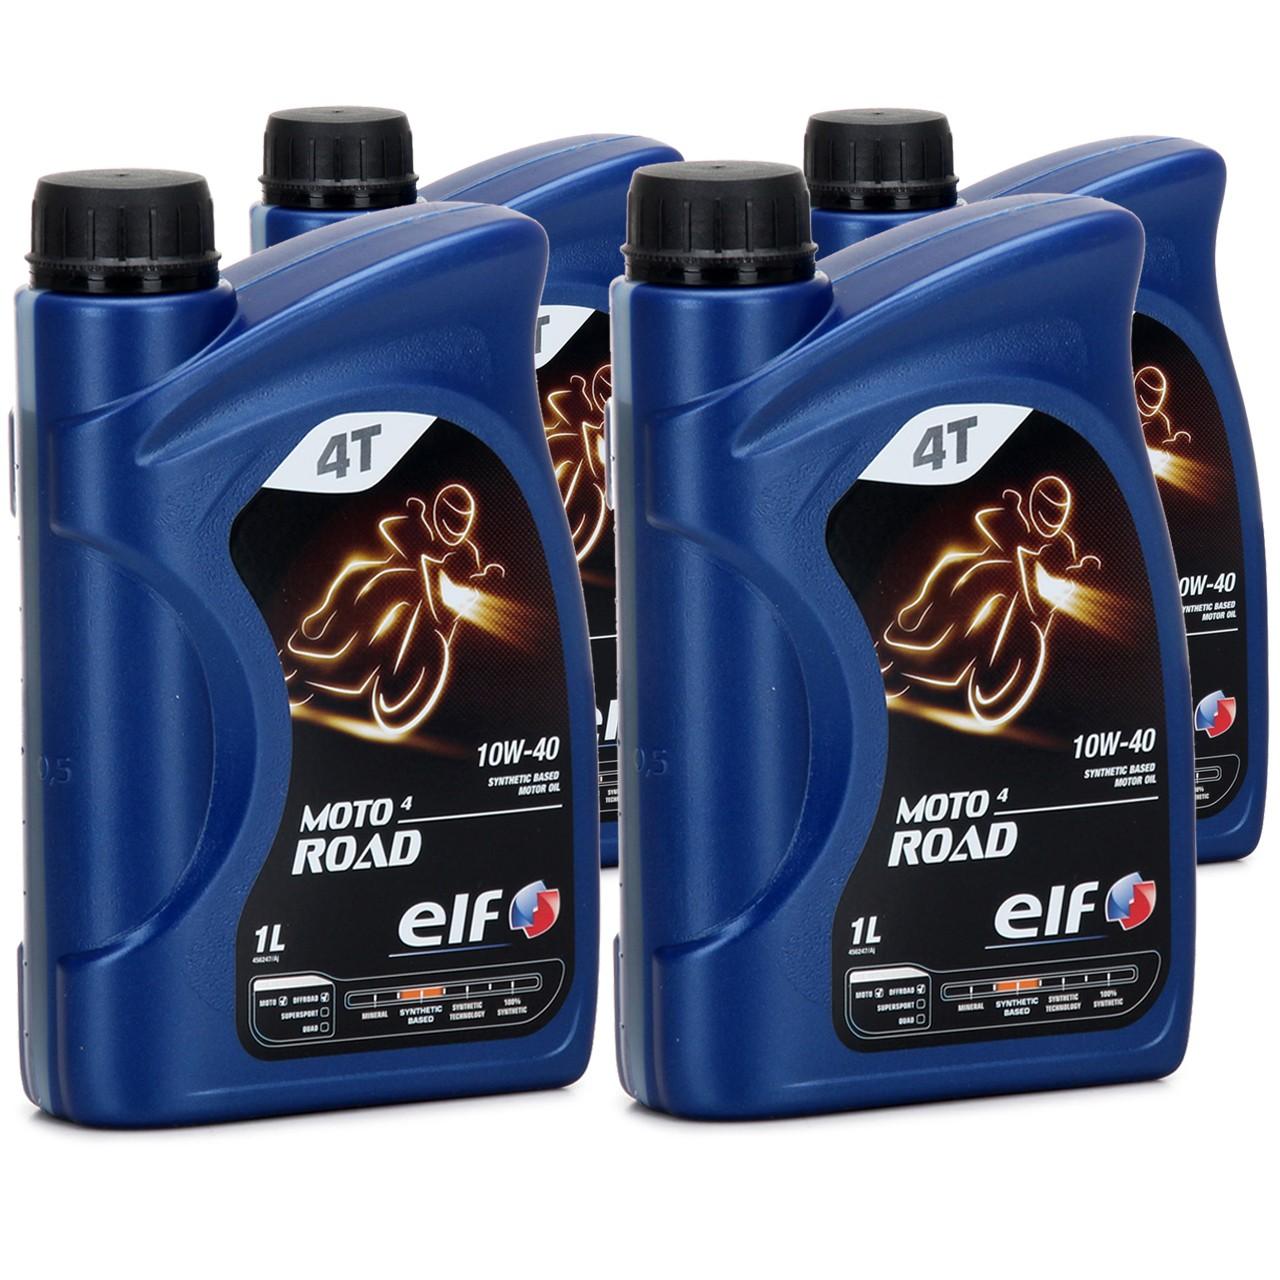 ELF Motoröl ÖL 4T 4-TAKT MOTO 4 ROAD 10W-40 10W40 JASO MA2 API SL - 4L 4 Liter